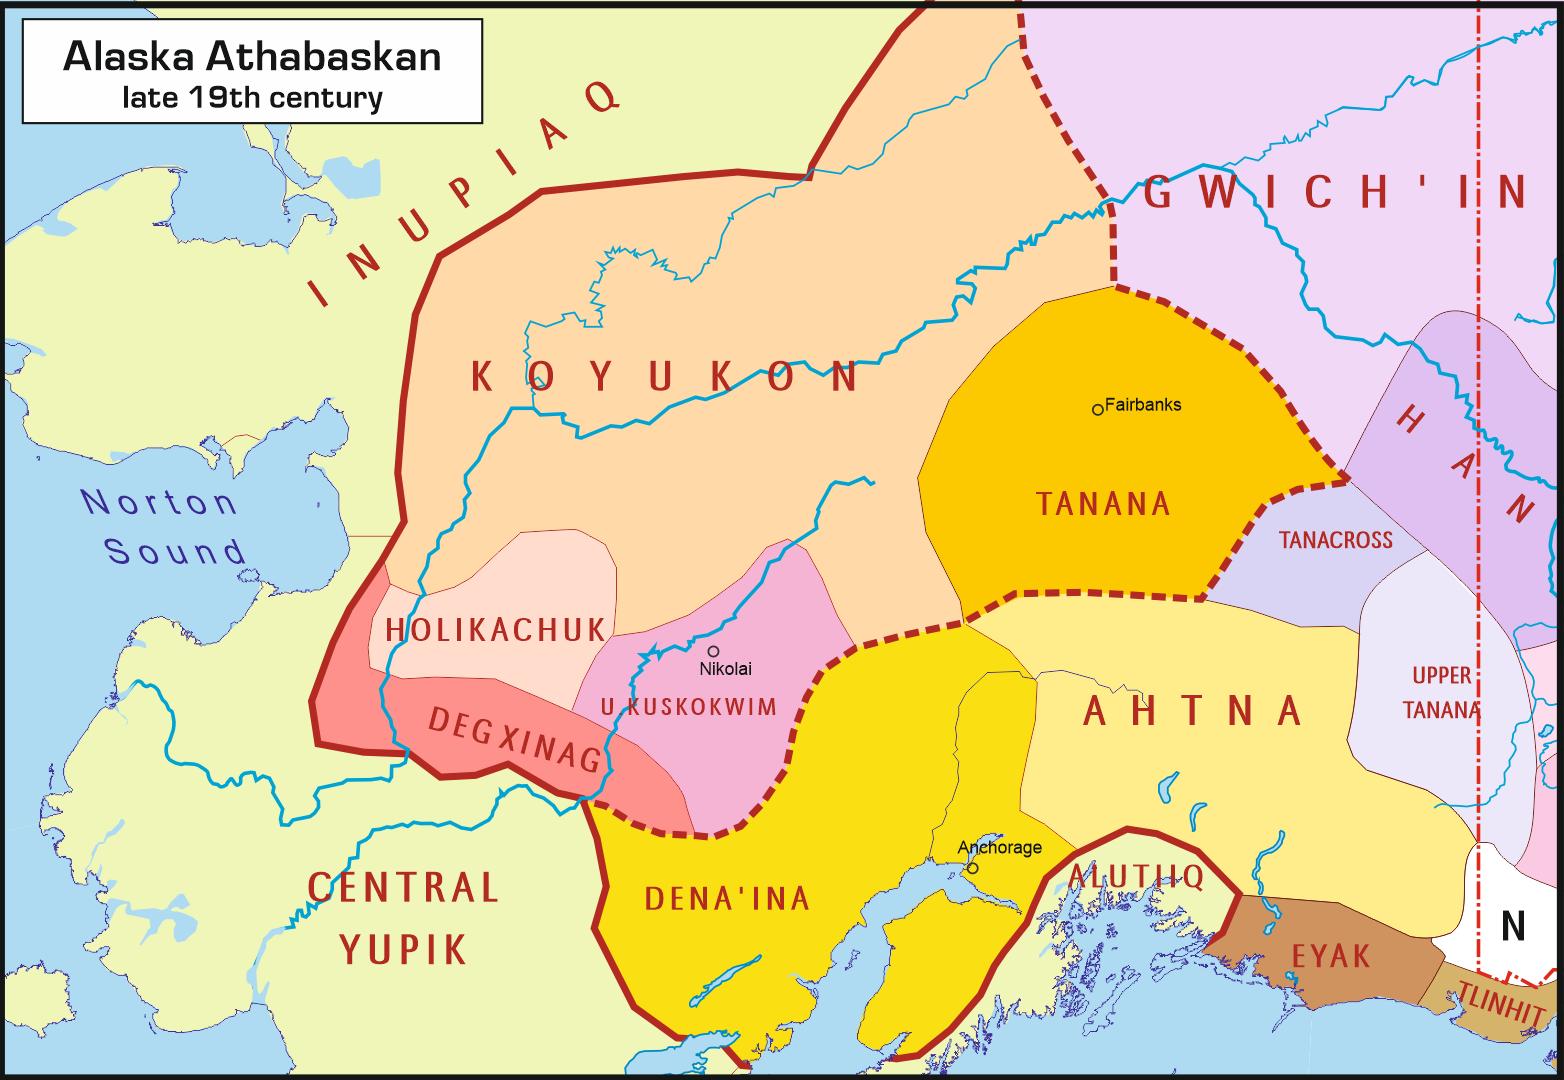 Языки Внутренней Аляски (XVIII в.)